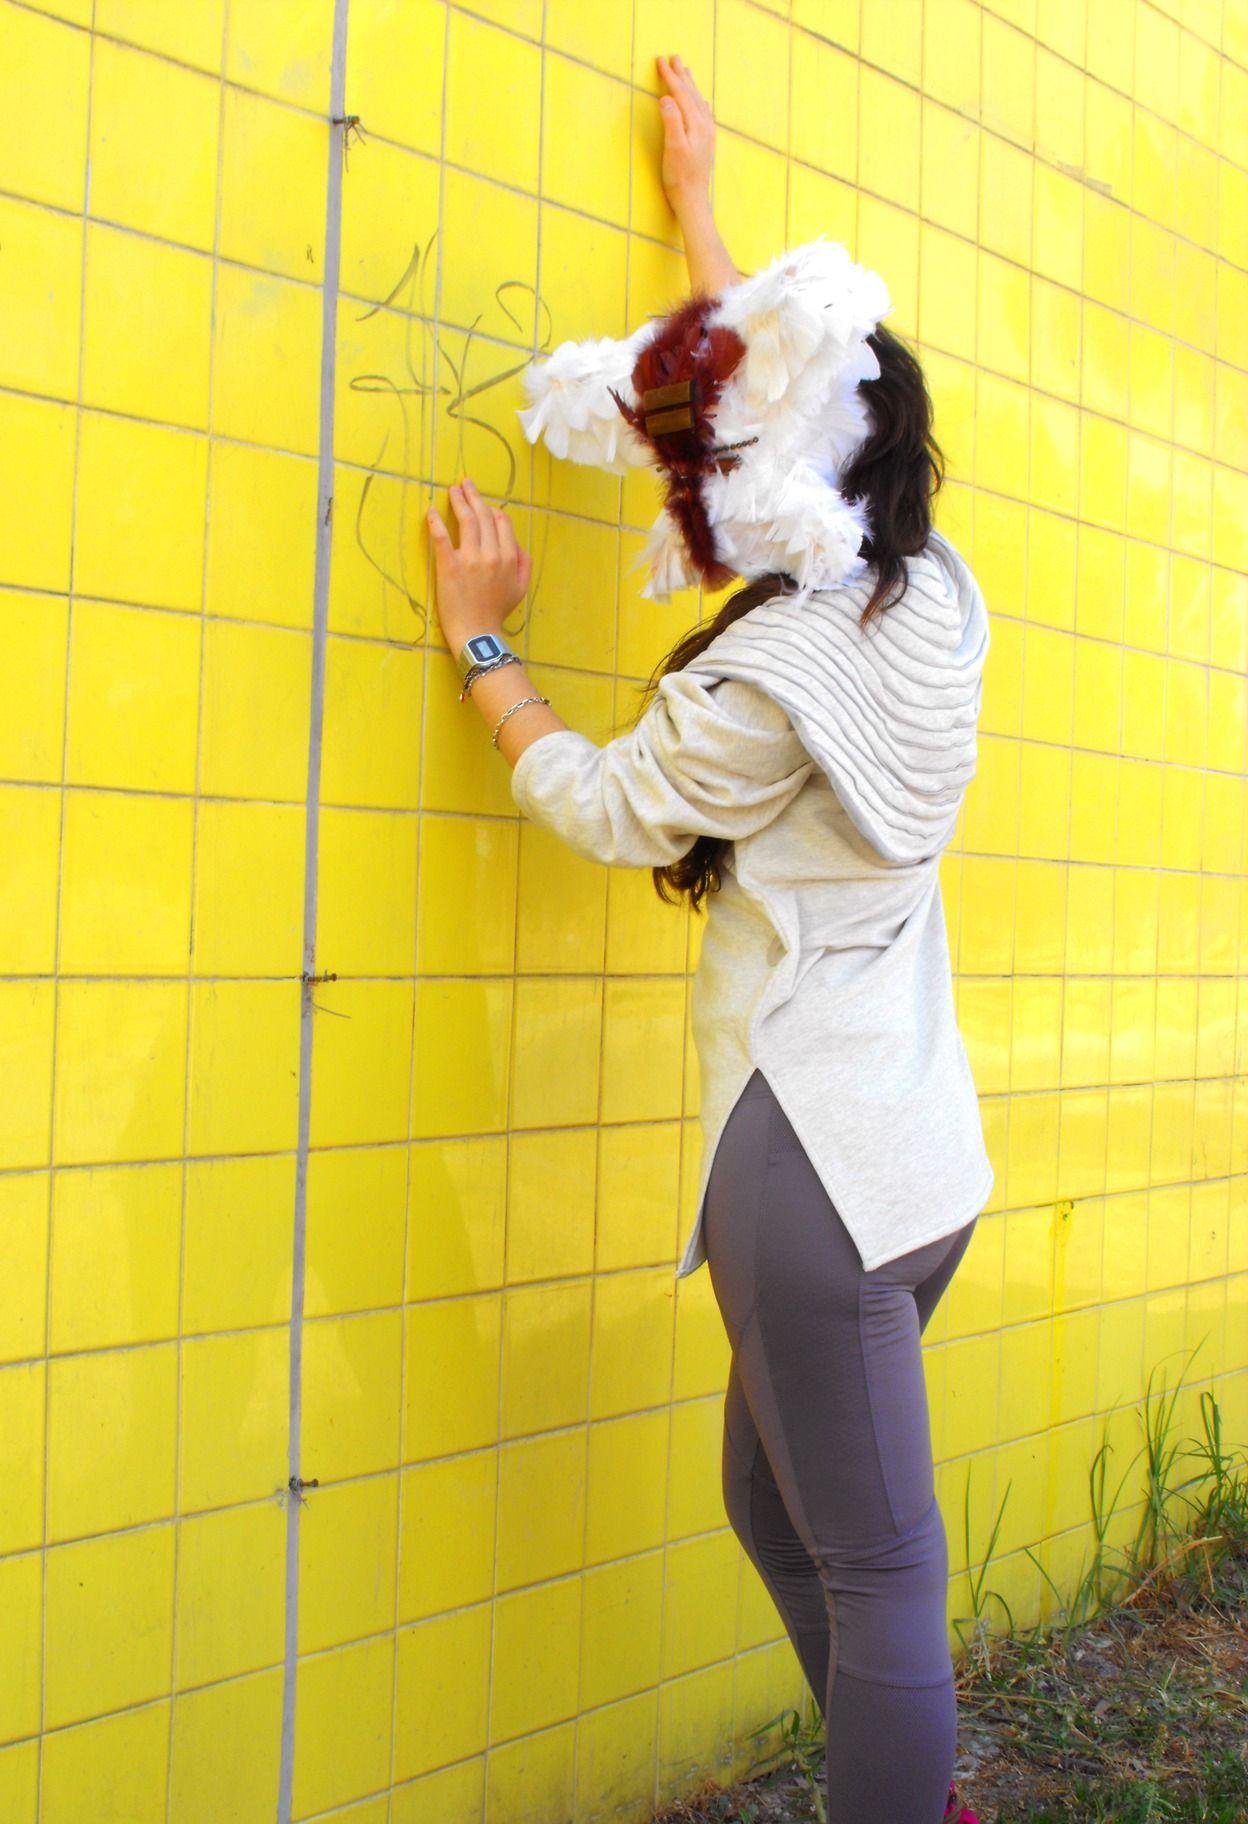 Sudadera con capucha en ribetes increible!!@LacayoPez Pasen a darle LiKE a nuestra página!! http://www.facebook.com/pages/Lacayo-Pez-Prendas-Experimentales/263209390376930?ref=ts=ts #FASHION #CLOTHES #CONCEPTUAL #ART #DESIGN